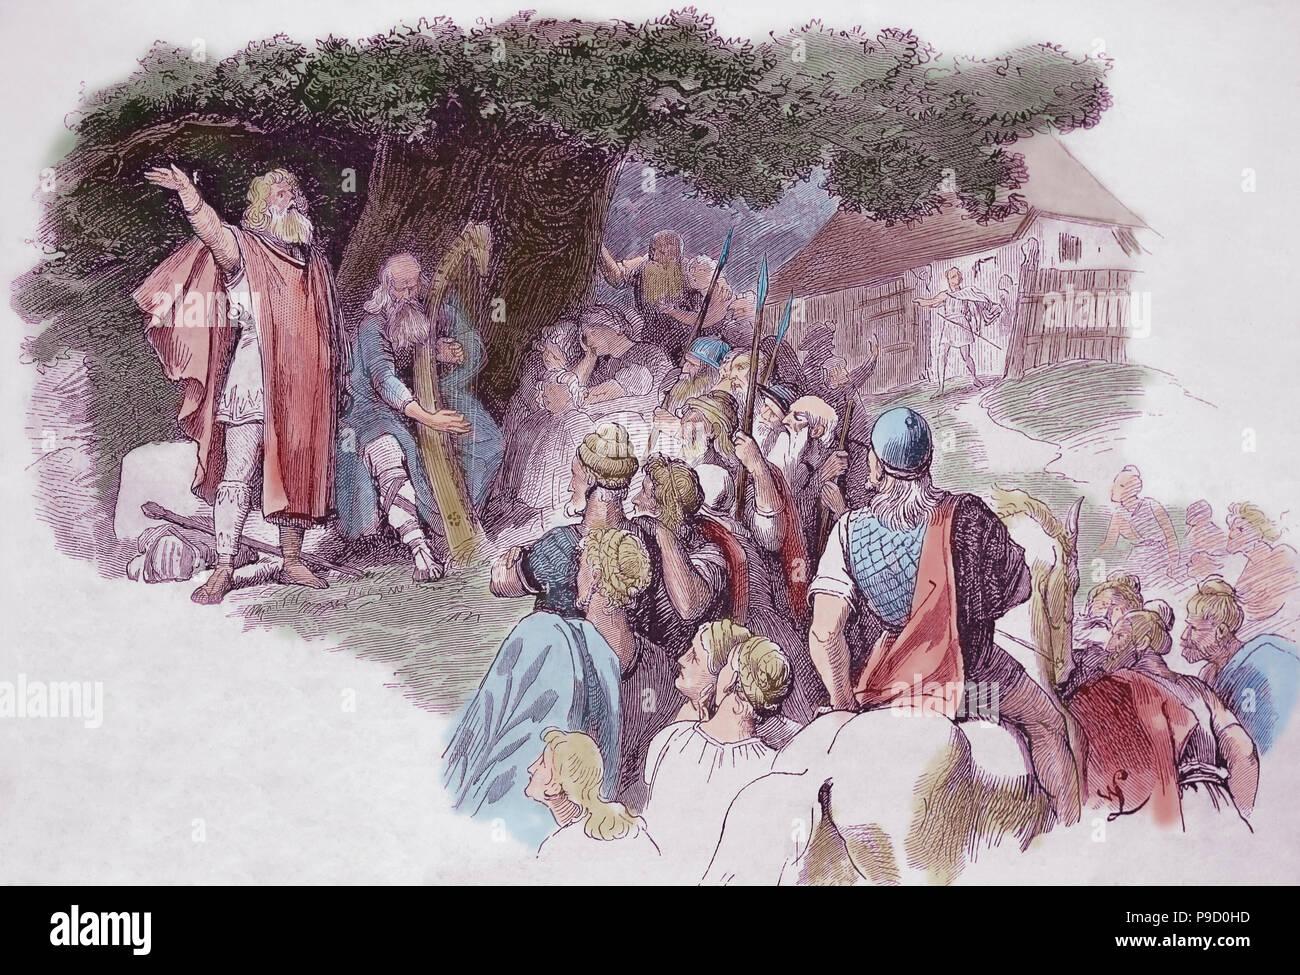 Bardi germanico (poeti). Incisione di germanio, 1882, colore. Immagini Stock